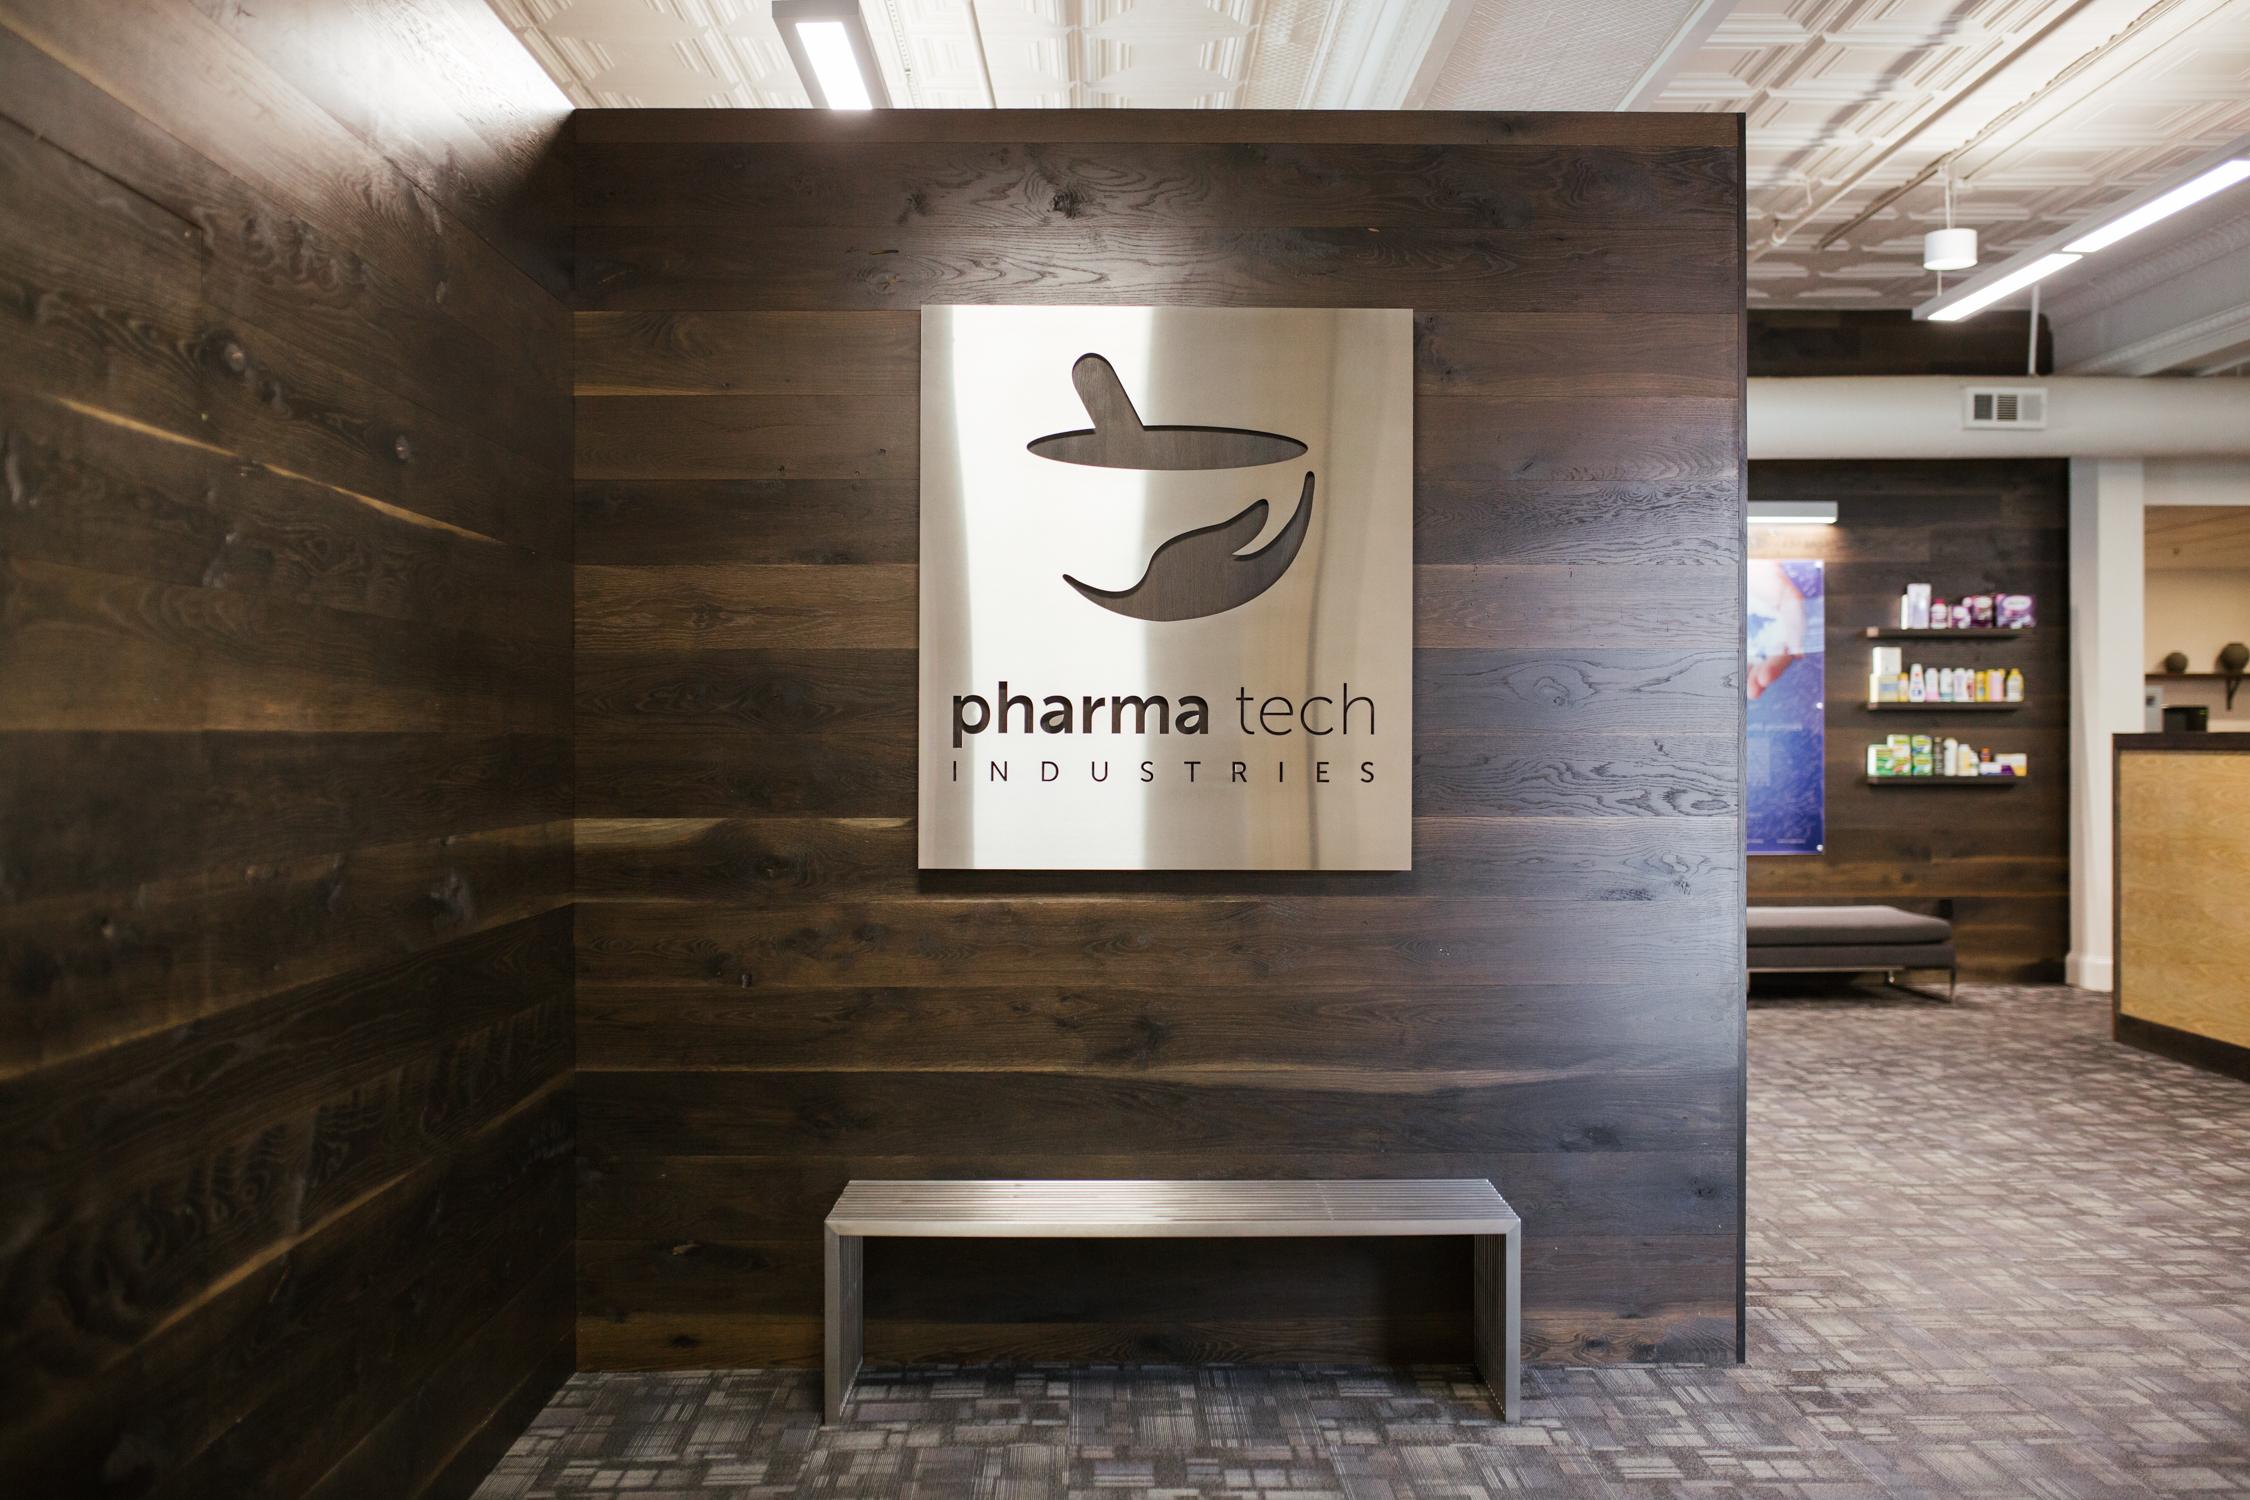 KK_Pharmatech-3172.jpg